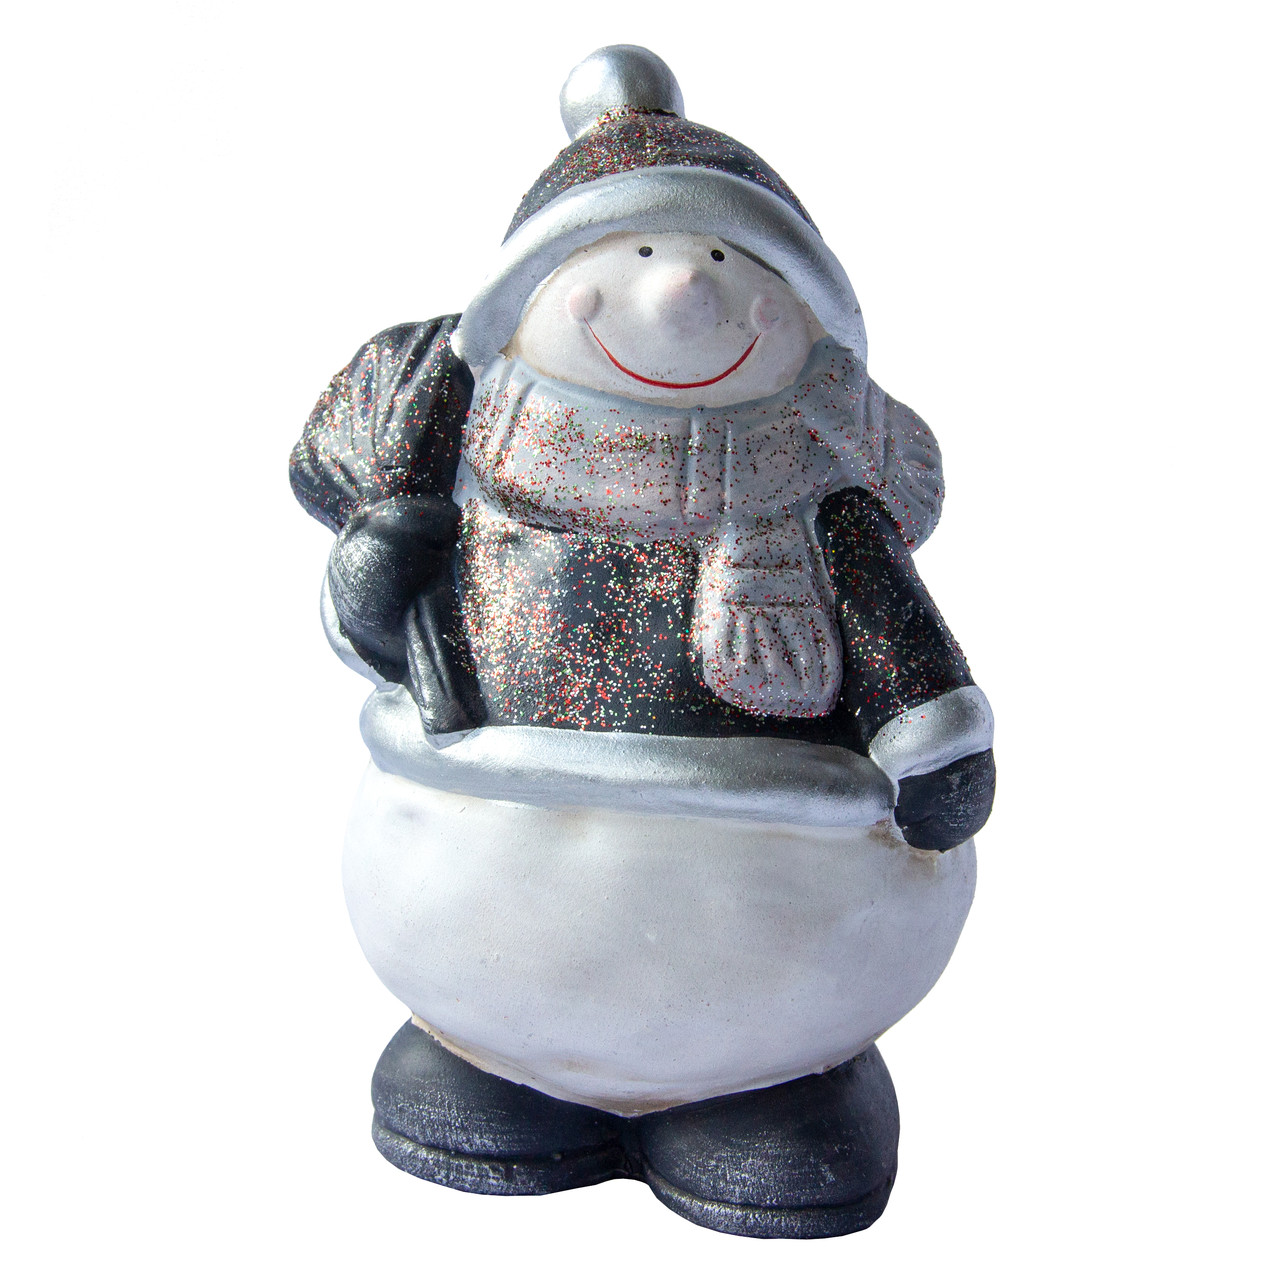 Декоративна фігурка - Сніговик, 14 см, білий з сірим, кераміка (440917)